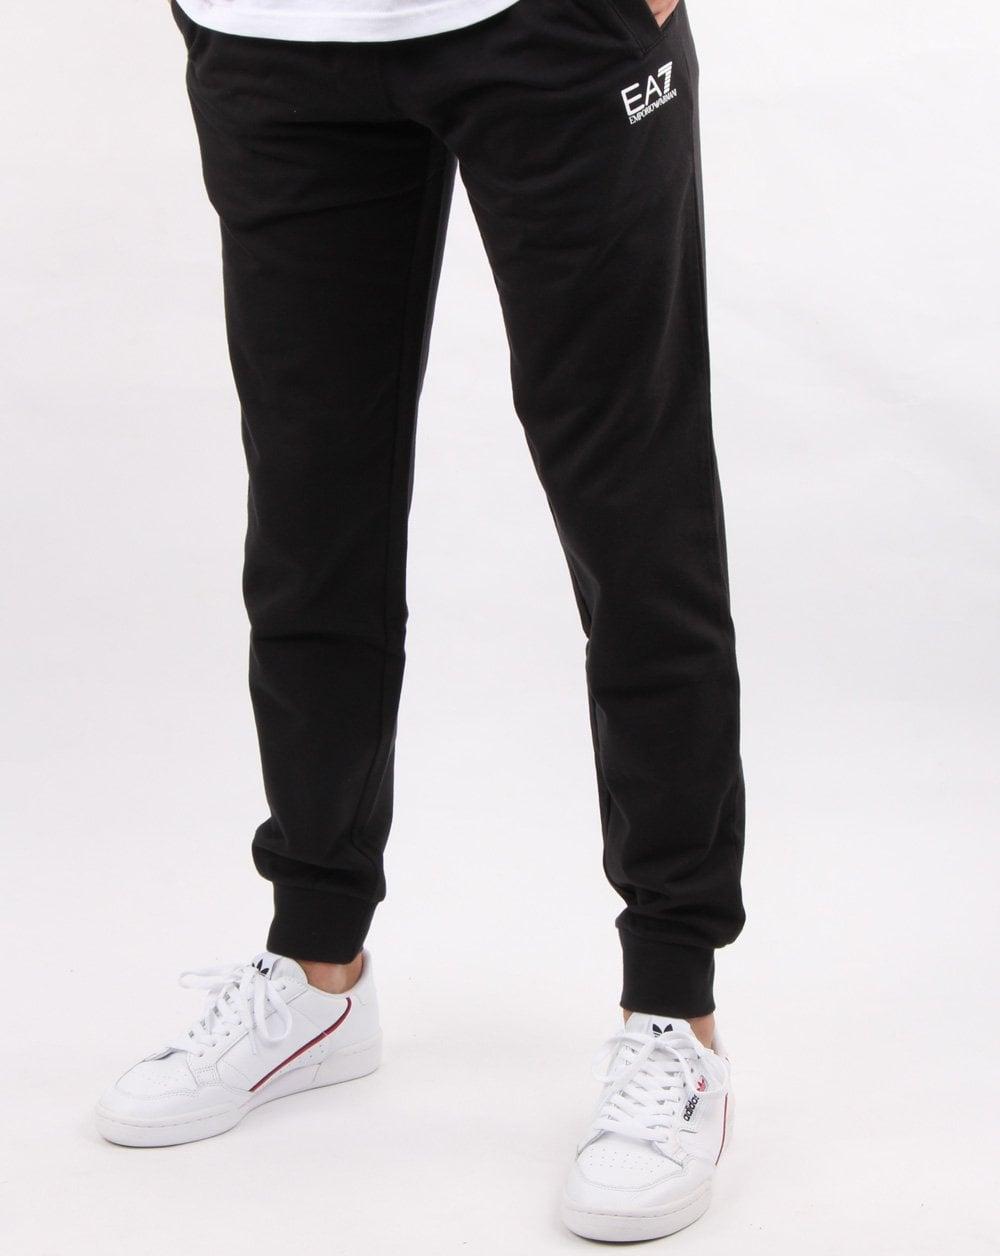 Luxusmode billigsten Verkauf unglaubliche Preise Emporio Armani EA7 Track Pants Black